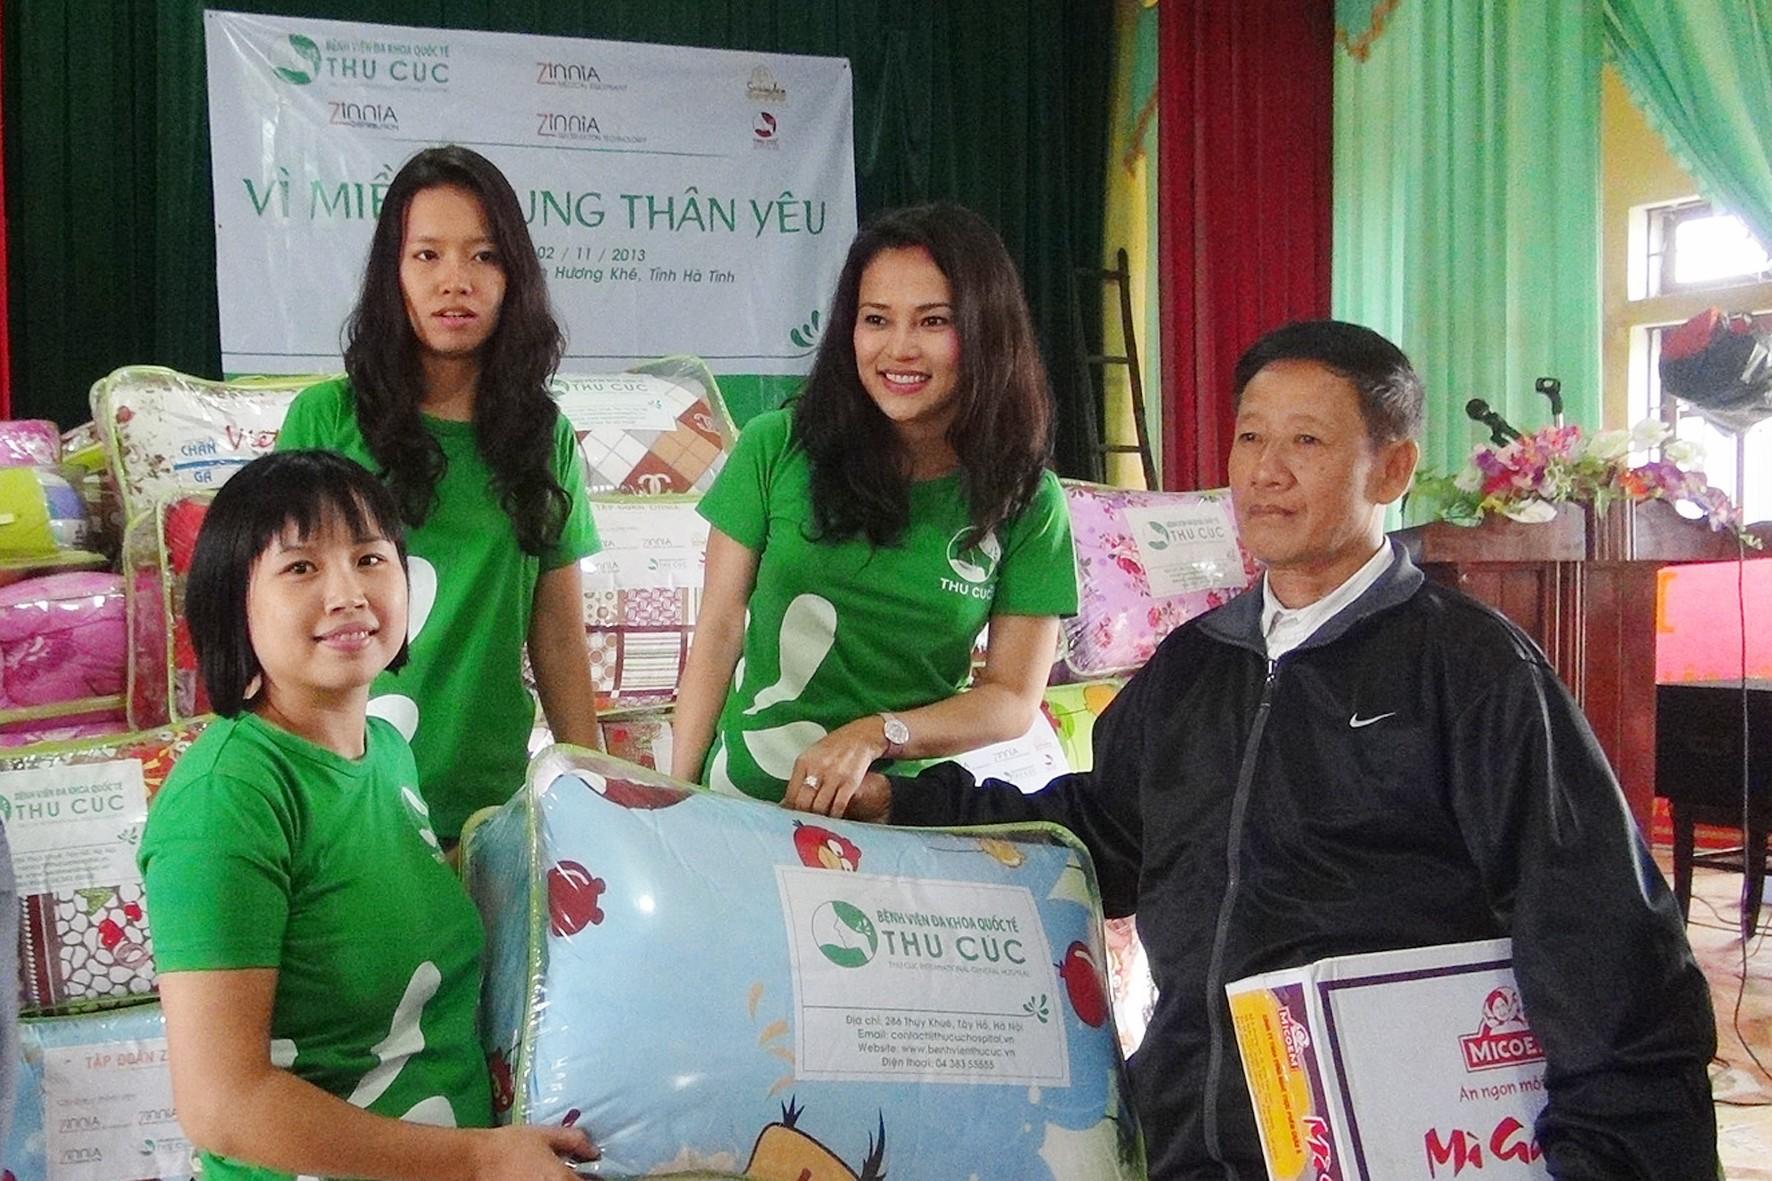 Bệnh viện Thu Cúc hỗ trợ đồng bào miền Trung trong mùa lũ